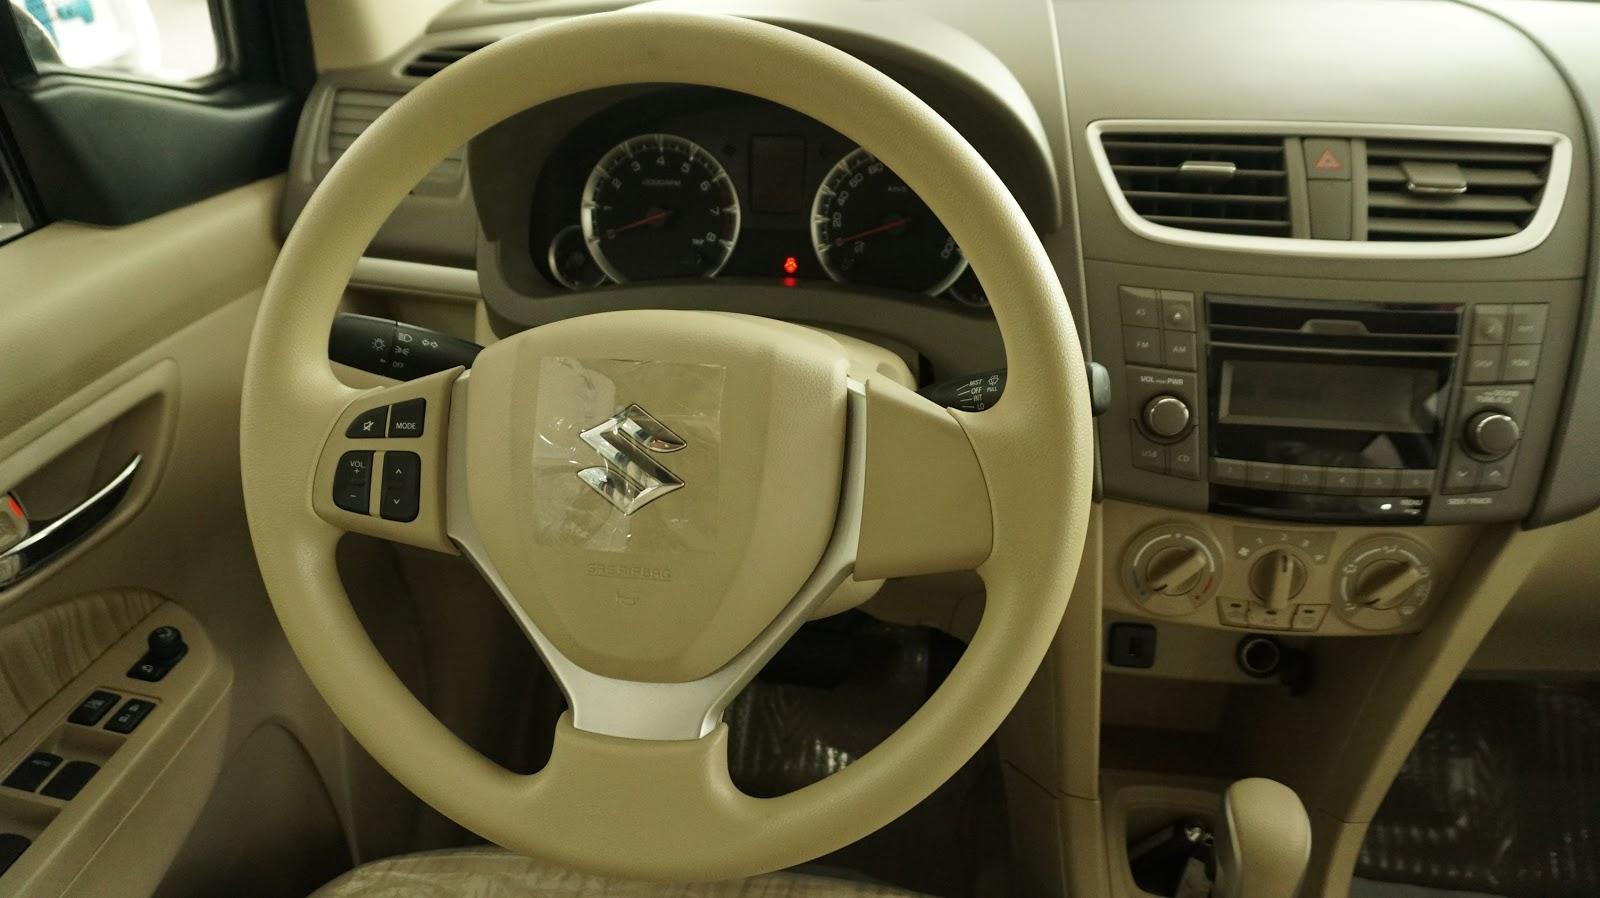 Nhiều tính năng giải trí, hỗ trợ lái, an toàn được trang bị trên Suzuki Ertiga 2016, tuy nhiên vẫn cần cải tiến thêm